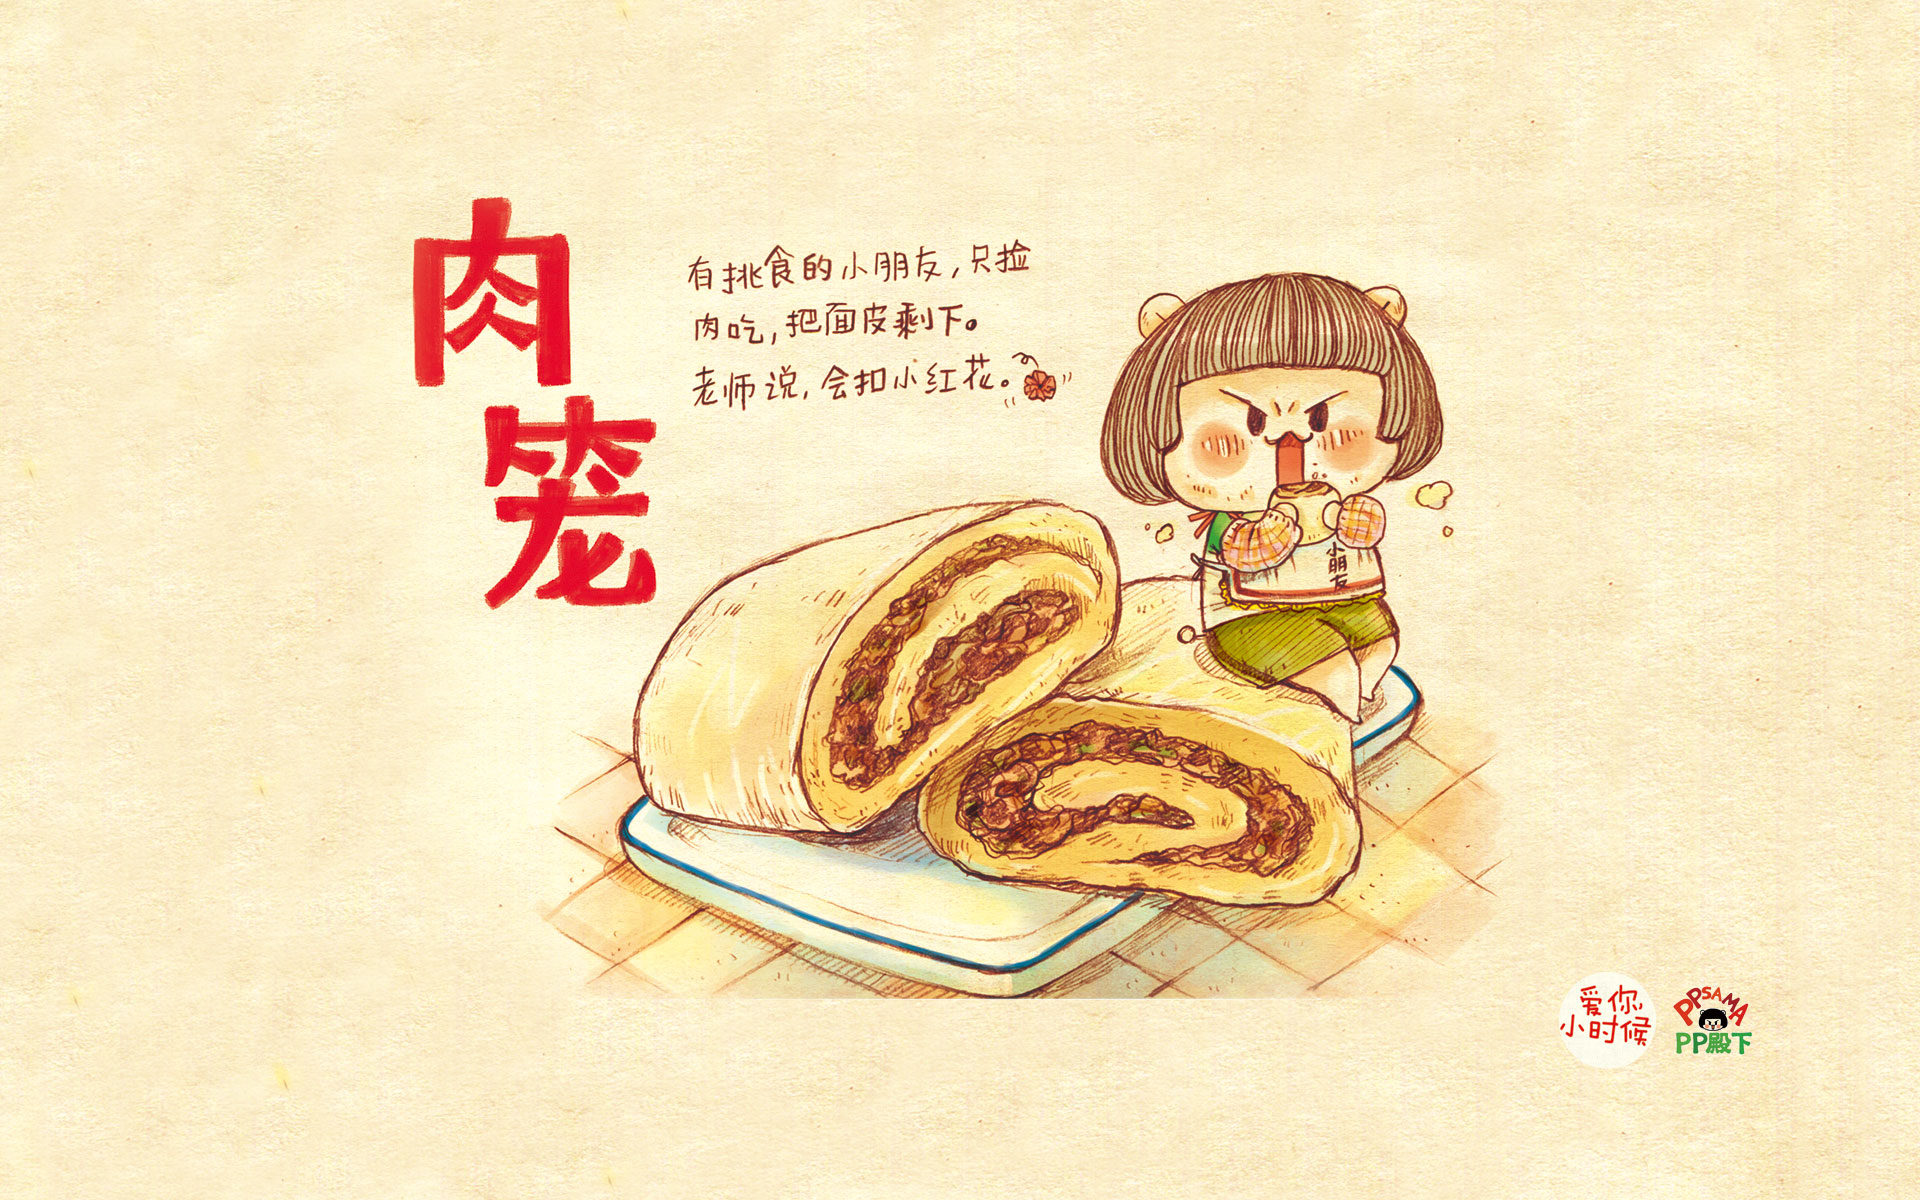 小时候系列童年回忆手绘卡通肉笼ppt背景图片下载